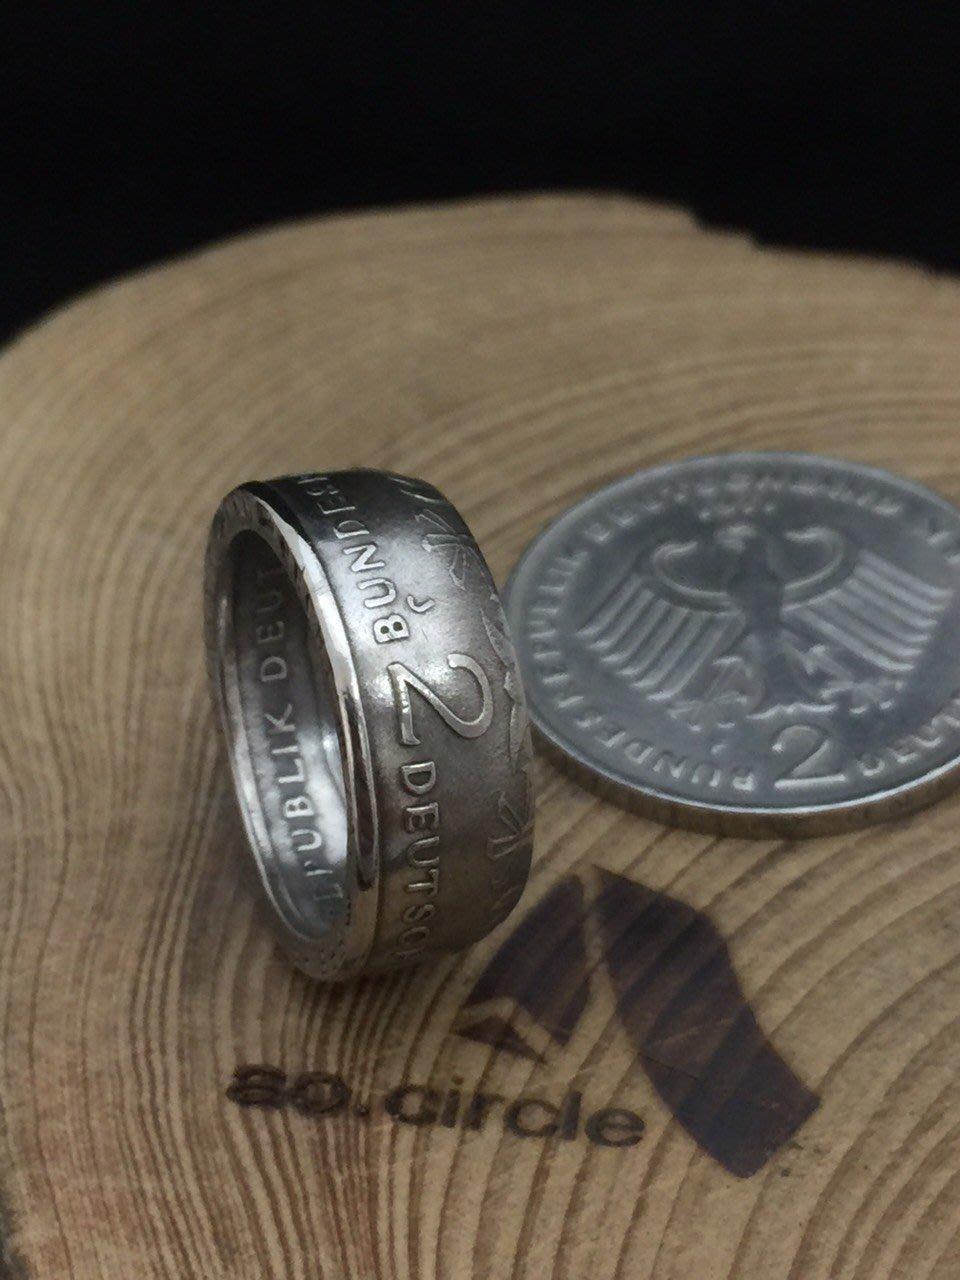 奢扣 GERMANY MARK 德國2 馬克 手工 錢幣 硬幣 戒指 手工戒指 慕尼黑 賓士 Bmw 黑手黨